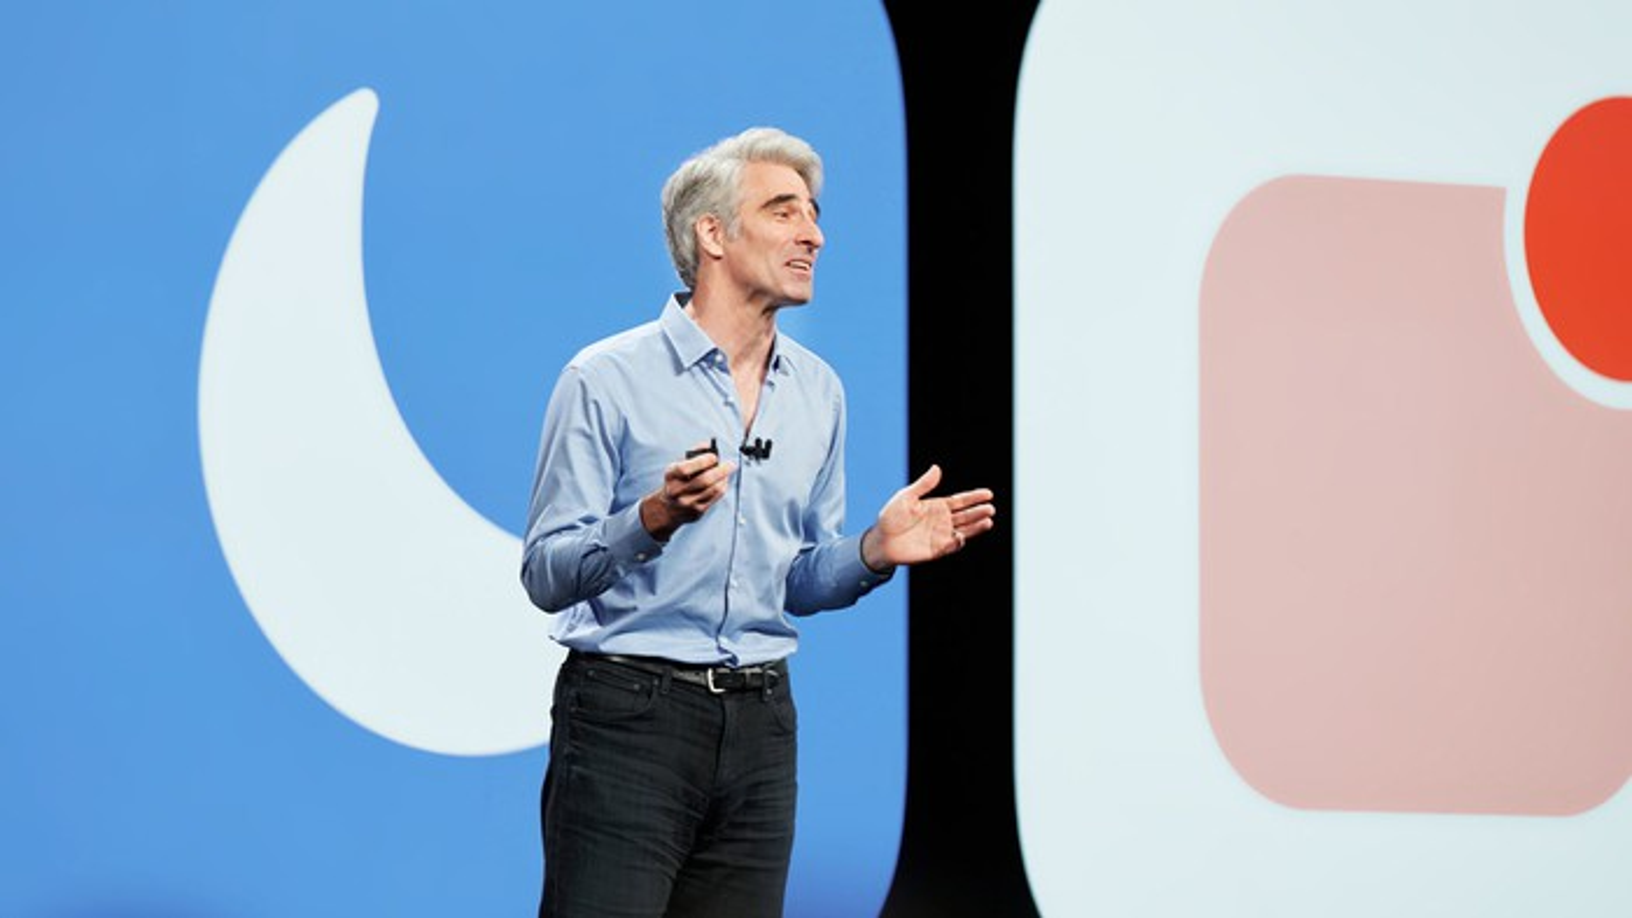 Apple executive Craig Federighi on stage.